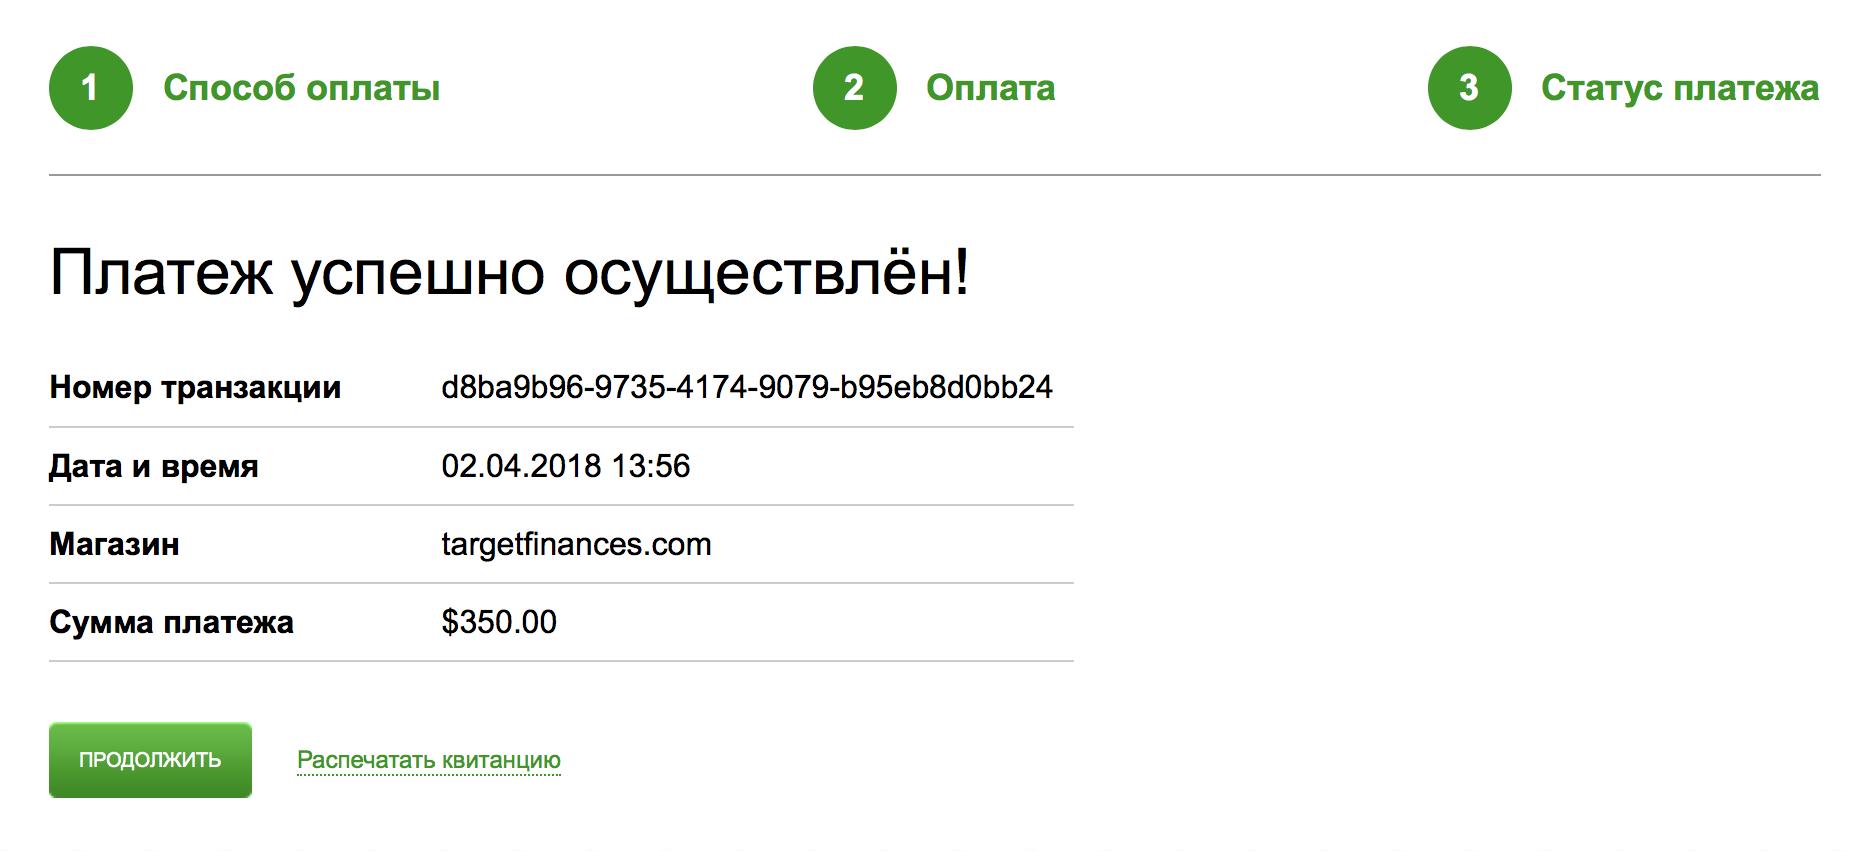 Screenshot_at_Apr_02_16_56_19.png